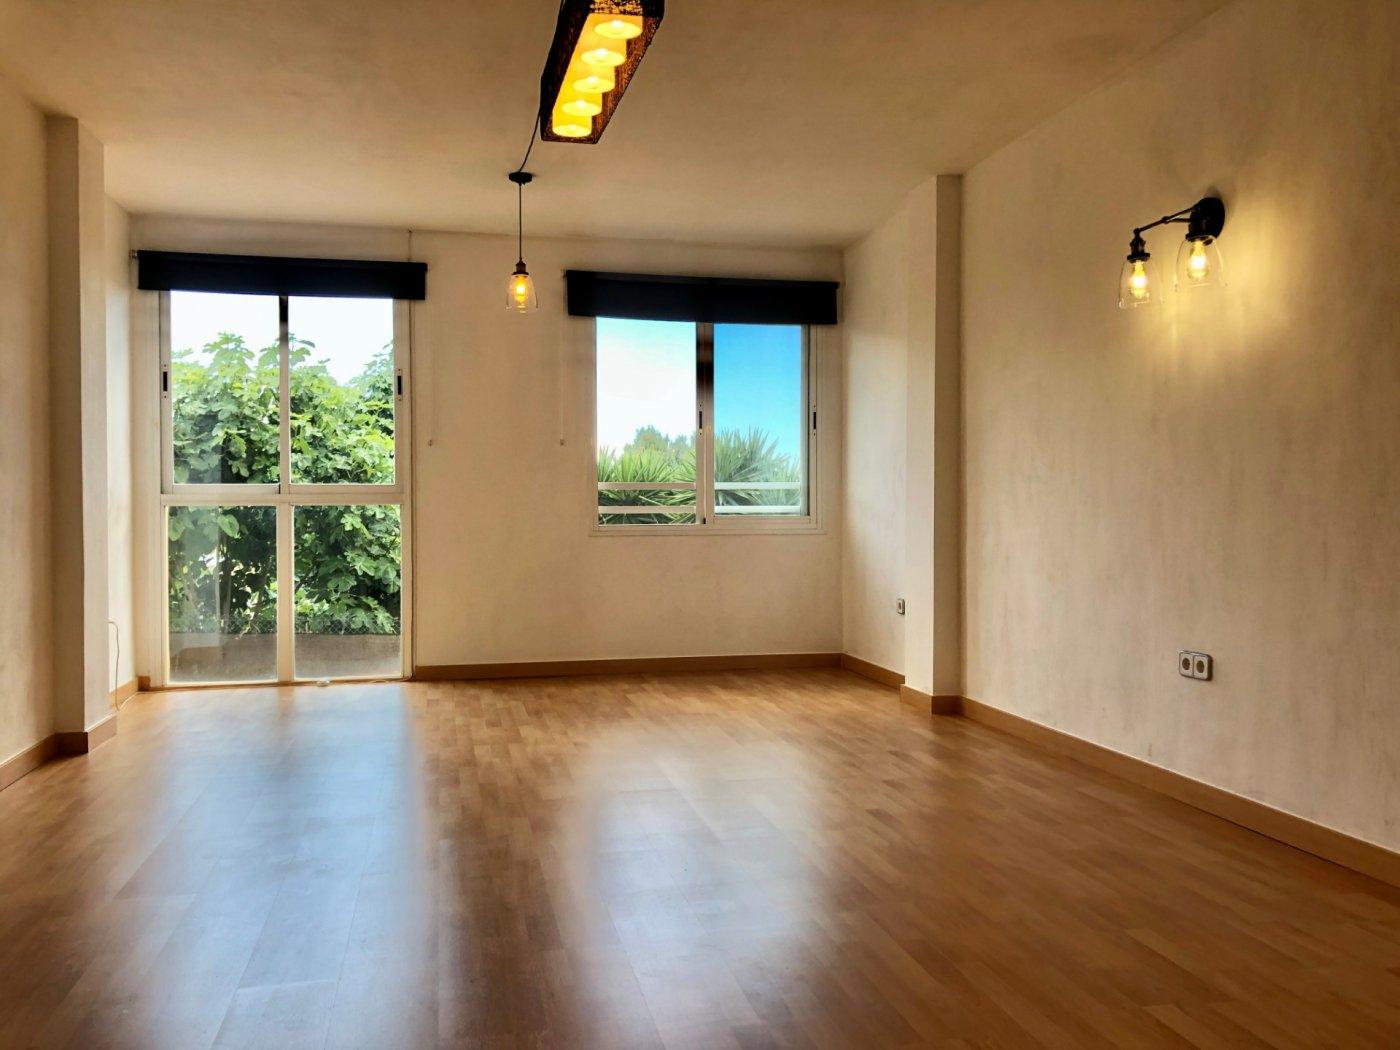 Coqueto piso de 2 dormitorios con plaza de aparcamiento en la vileta - precio: 800?/mes - imagenInmueble3